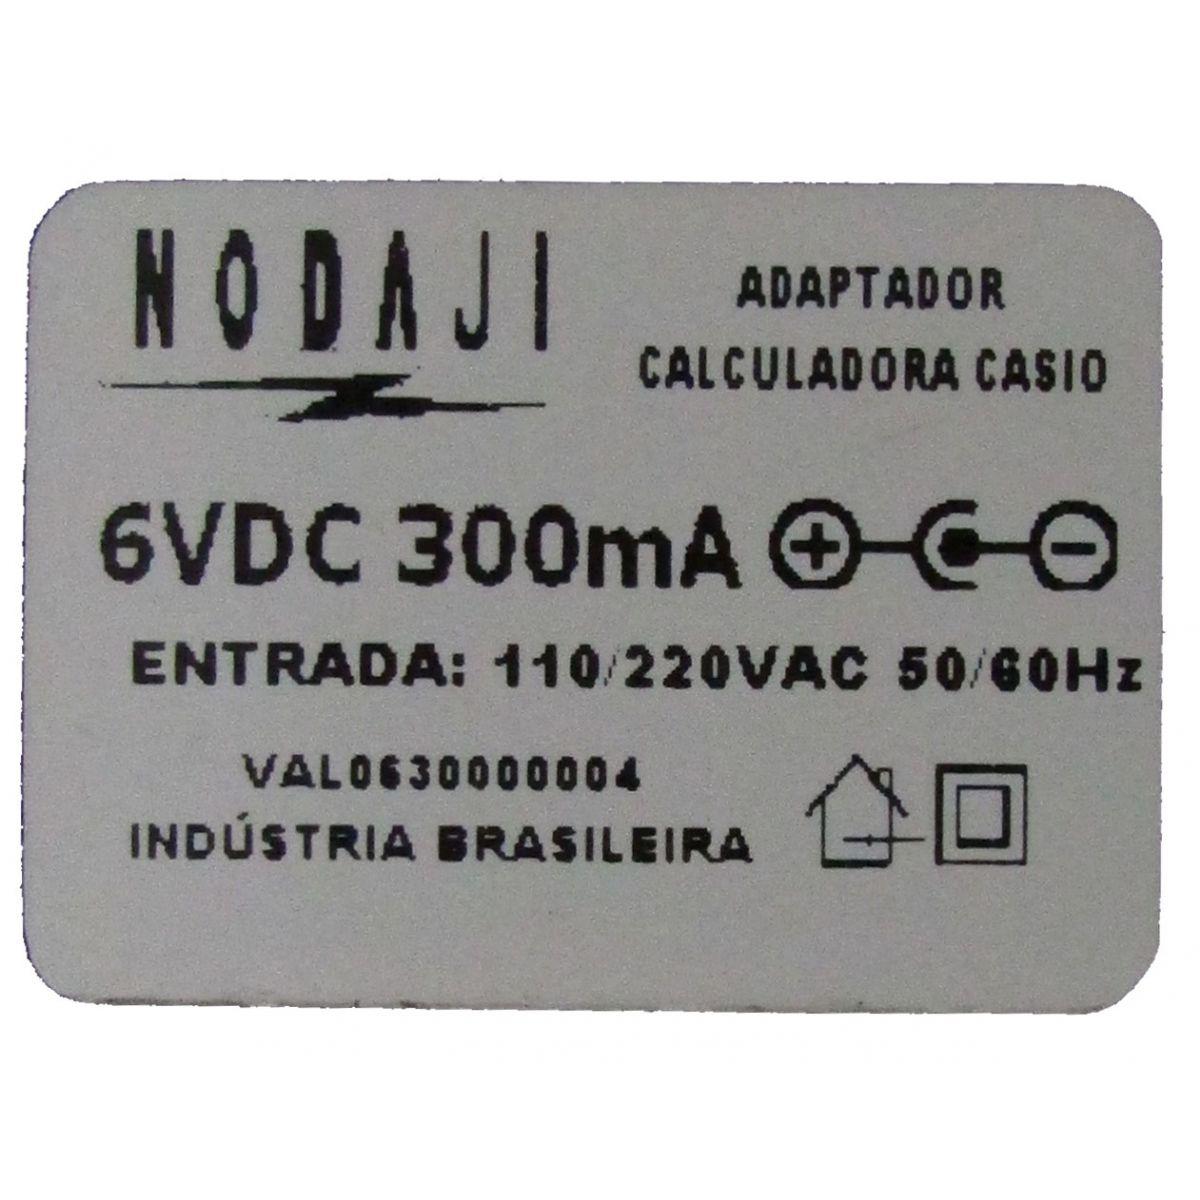 Fonte de Alimentação Conversor Bivolt 110/220VAC 50/60Hz  6pVDC mA p/ calculadora Casio HR Procalc LP19 LP20 LP25 Sharp EL1750 EL1611 EL1615 Elgin 5121